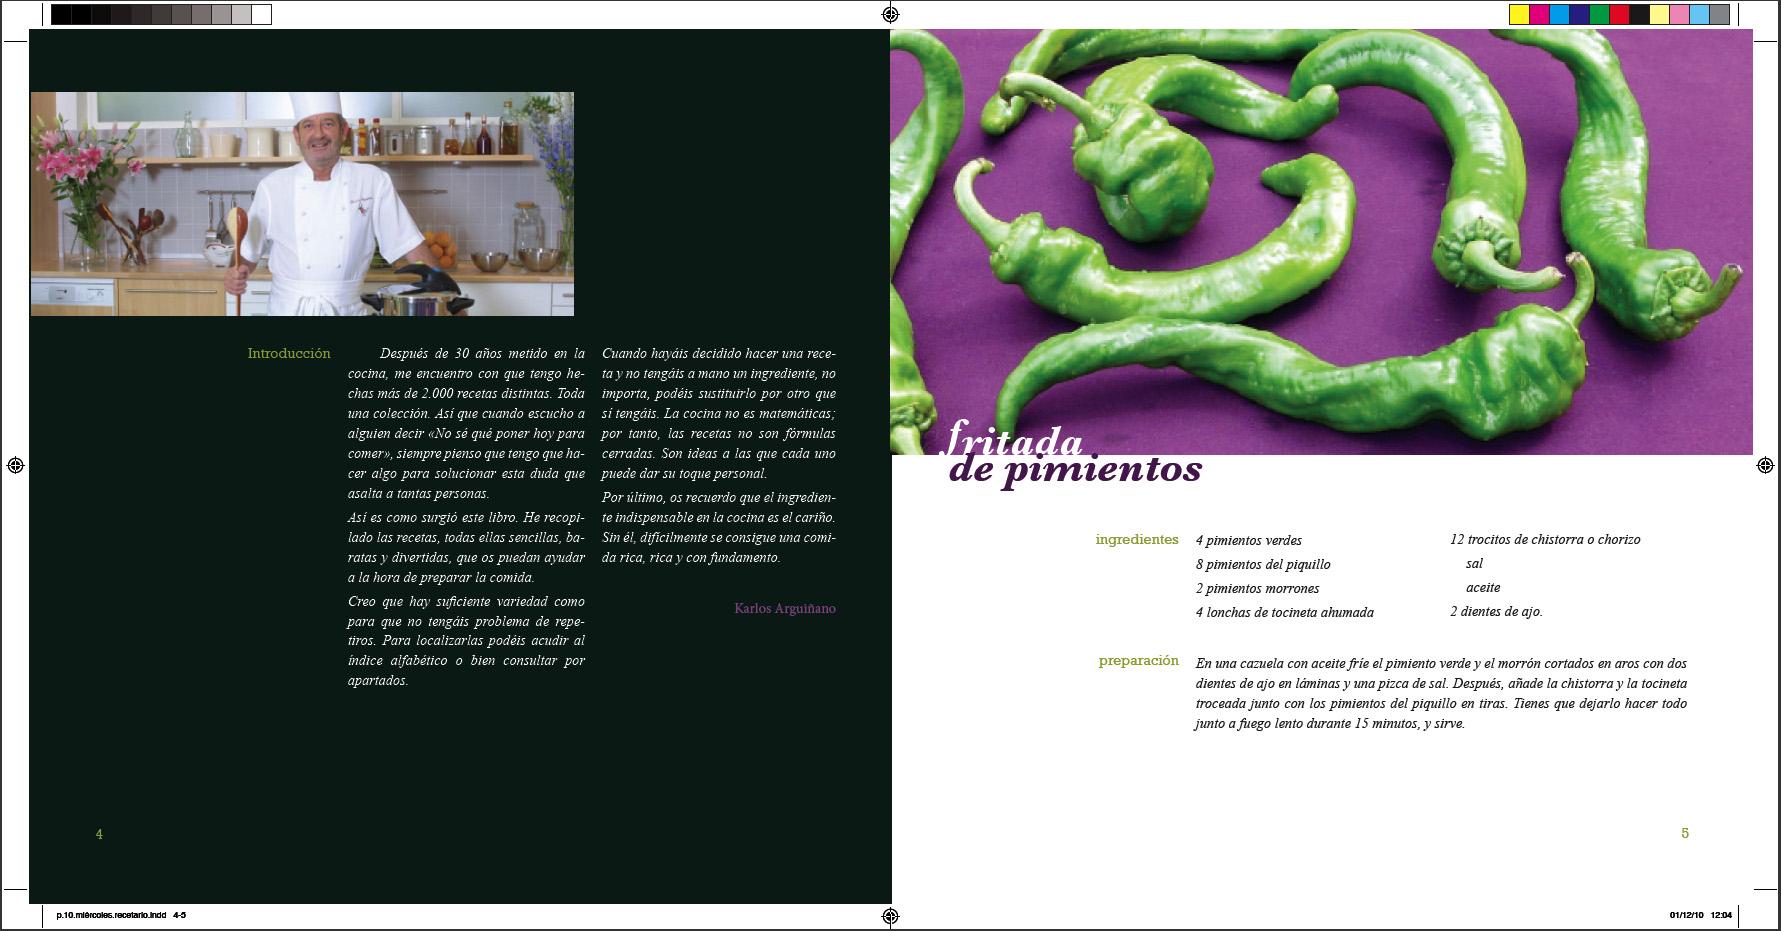 Ejemplo maquetación Arguiñano | pixelnomicon